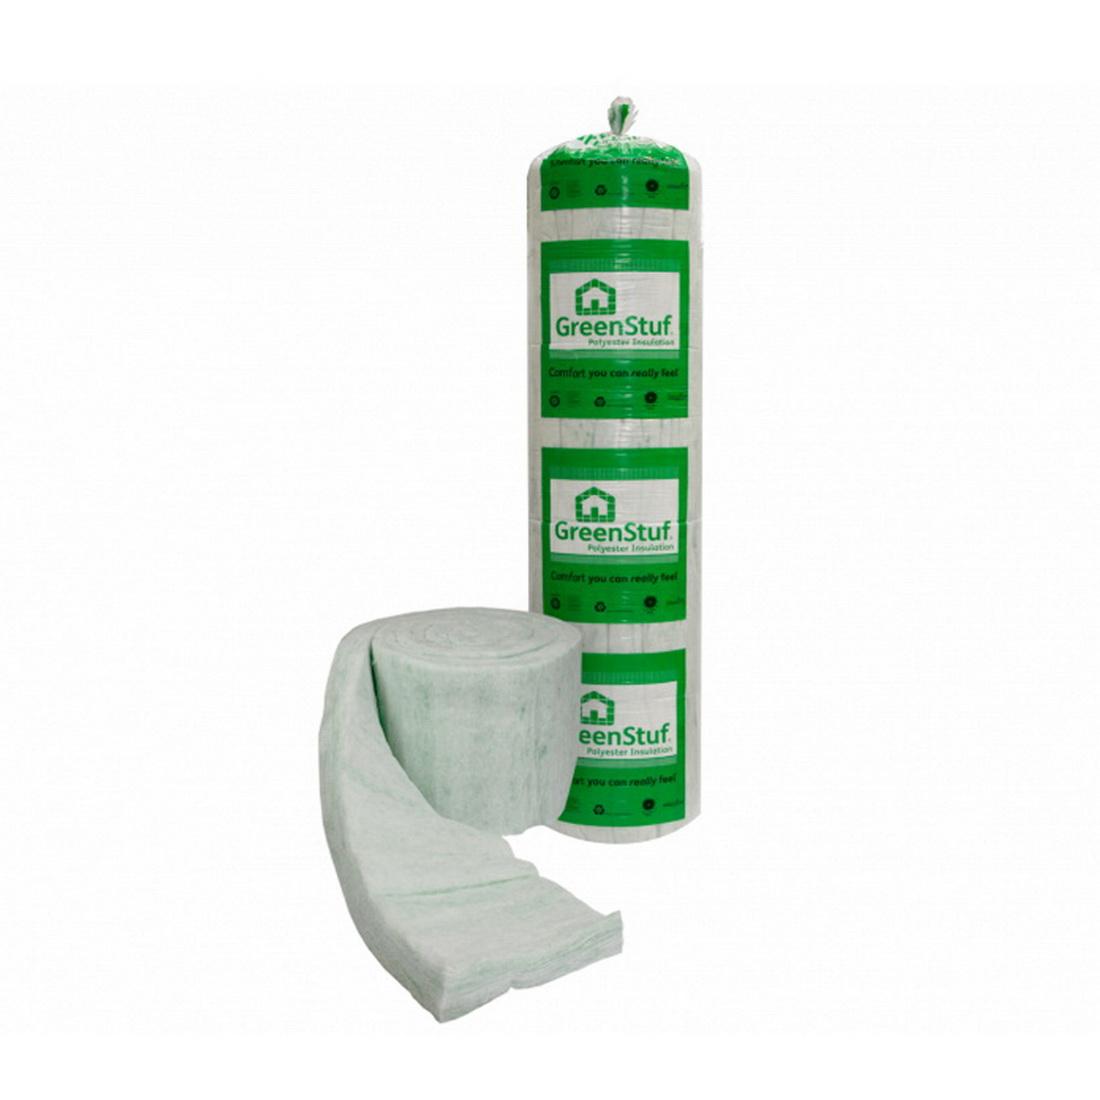 GreenStuf Thermal Roll Form 100 mm R1.8 25 sq-m Polyster PTL1887